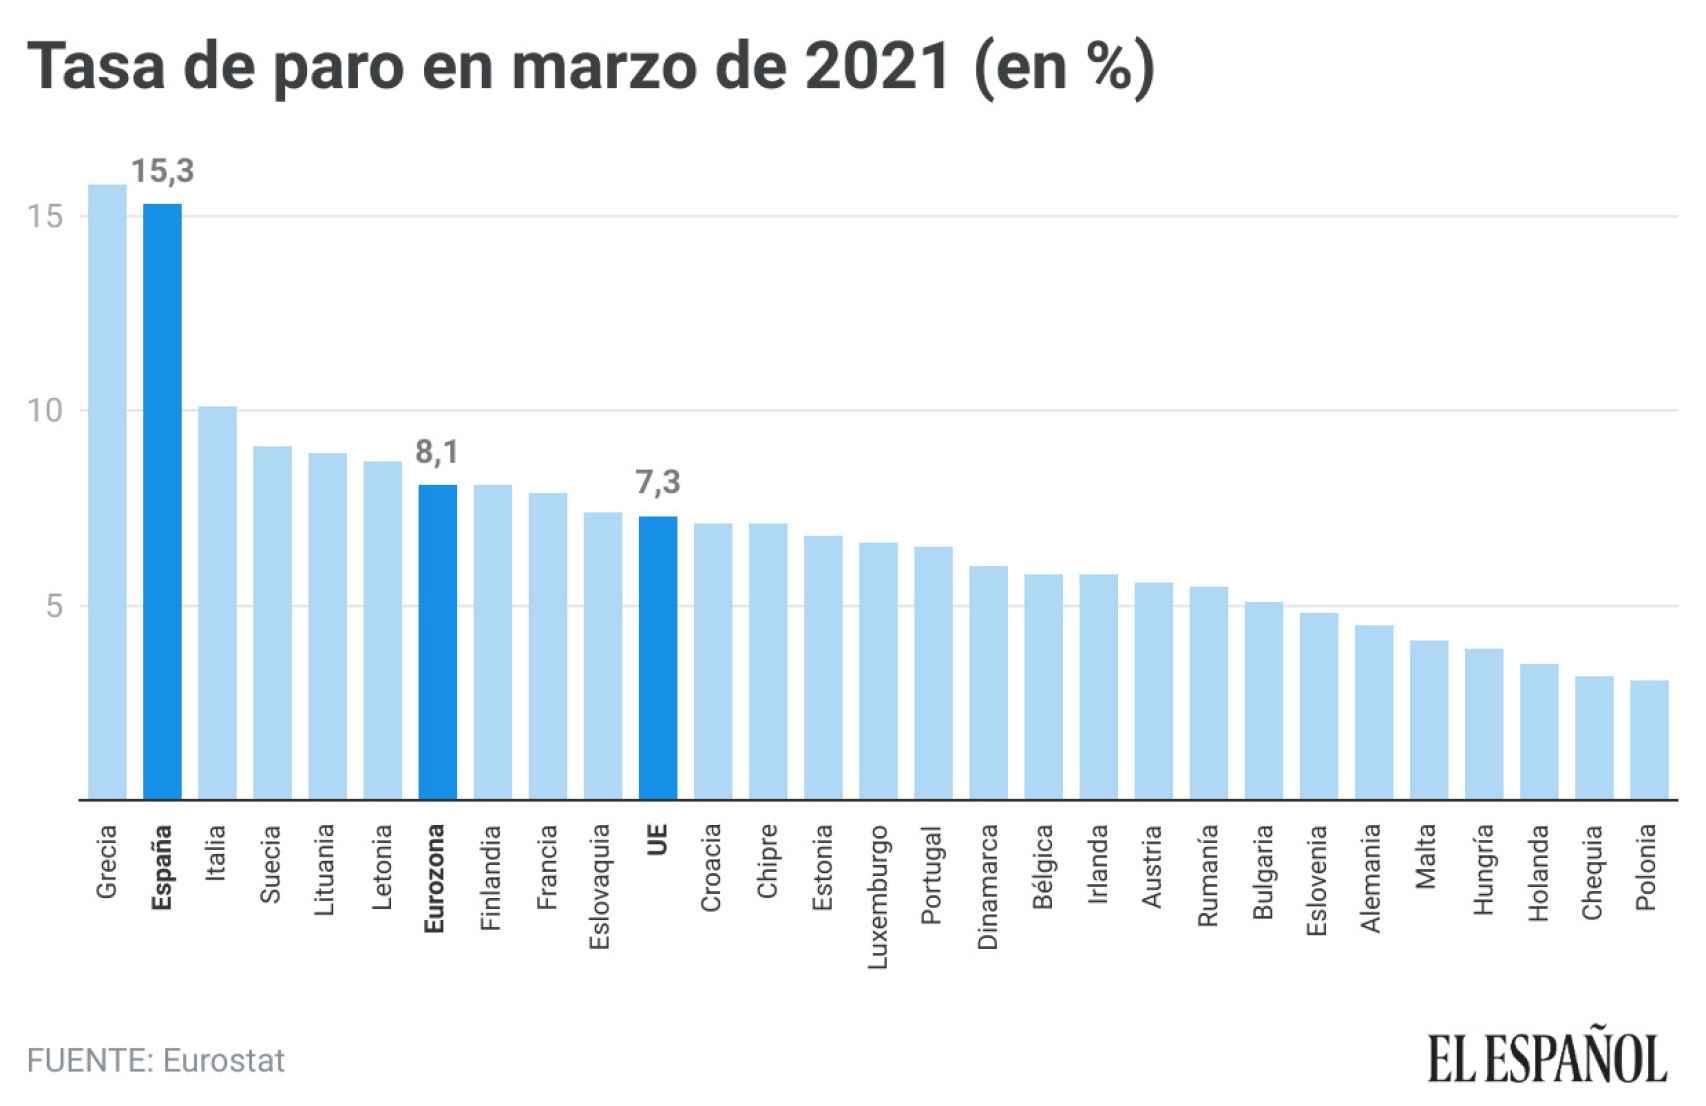 Tasa de paro en la UE en marzo de 2021